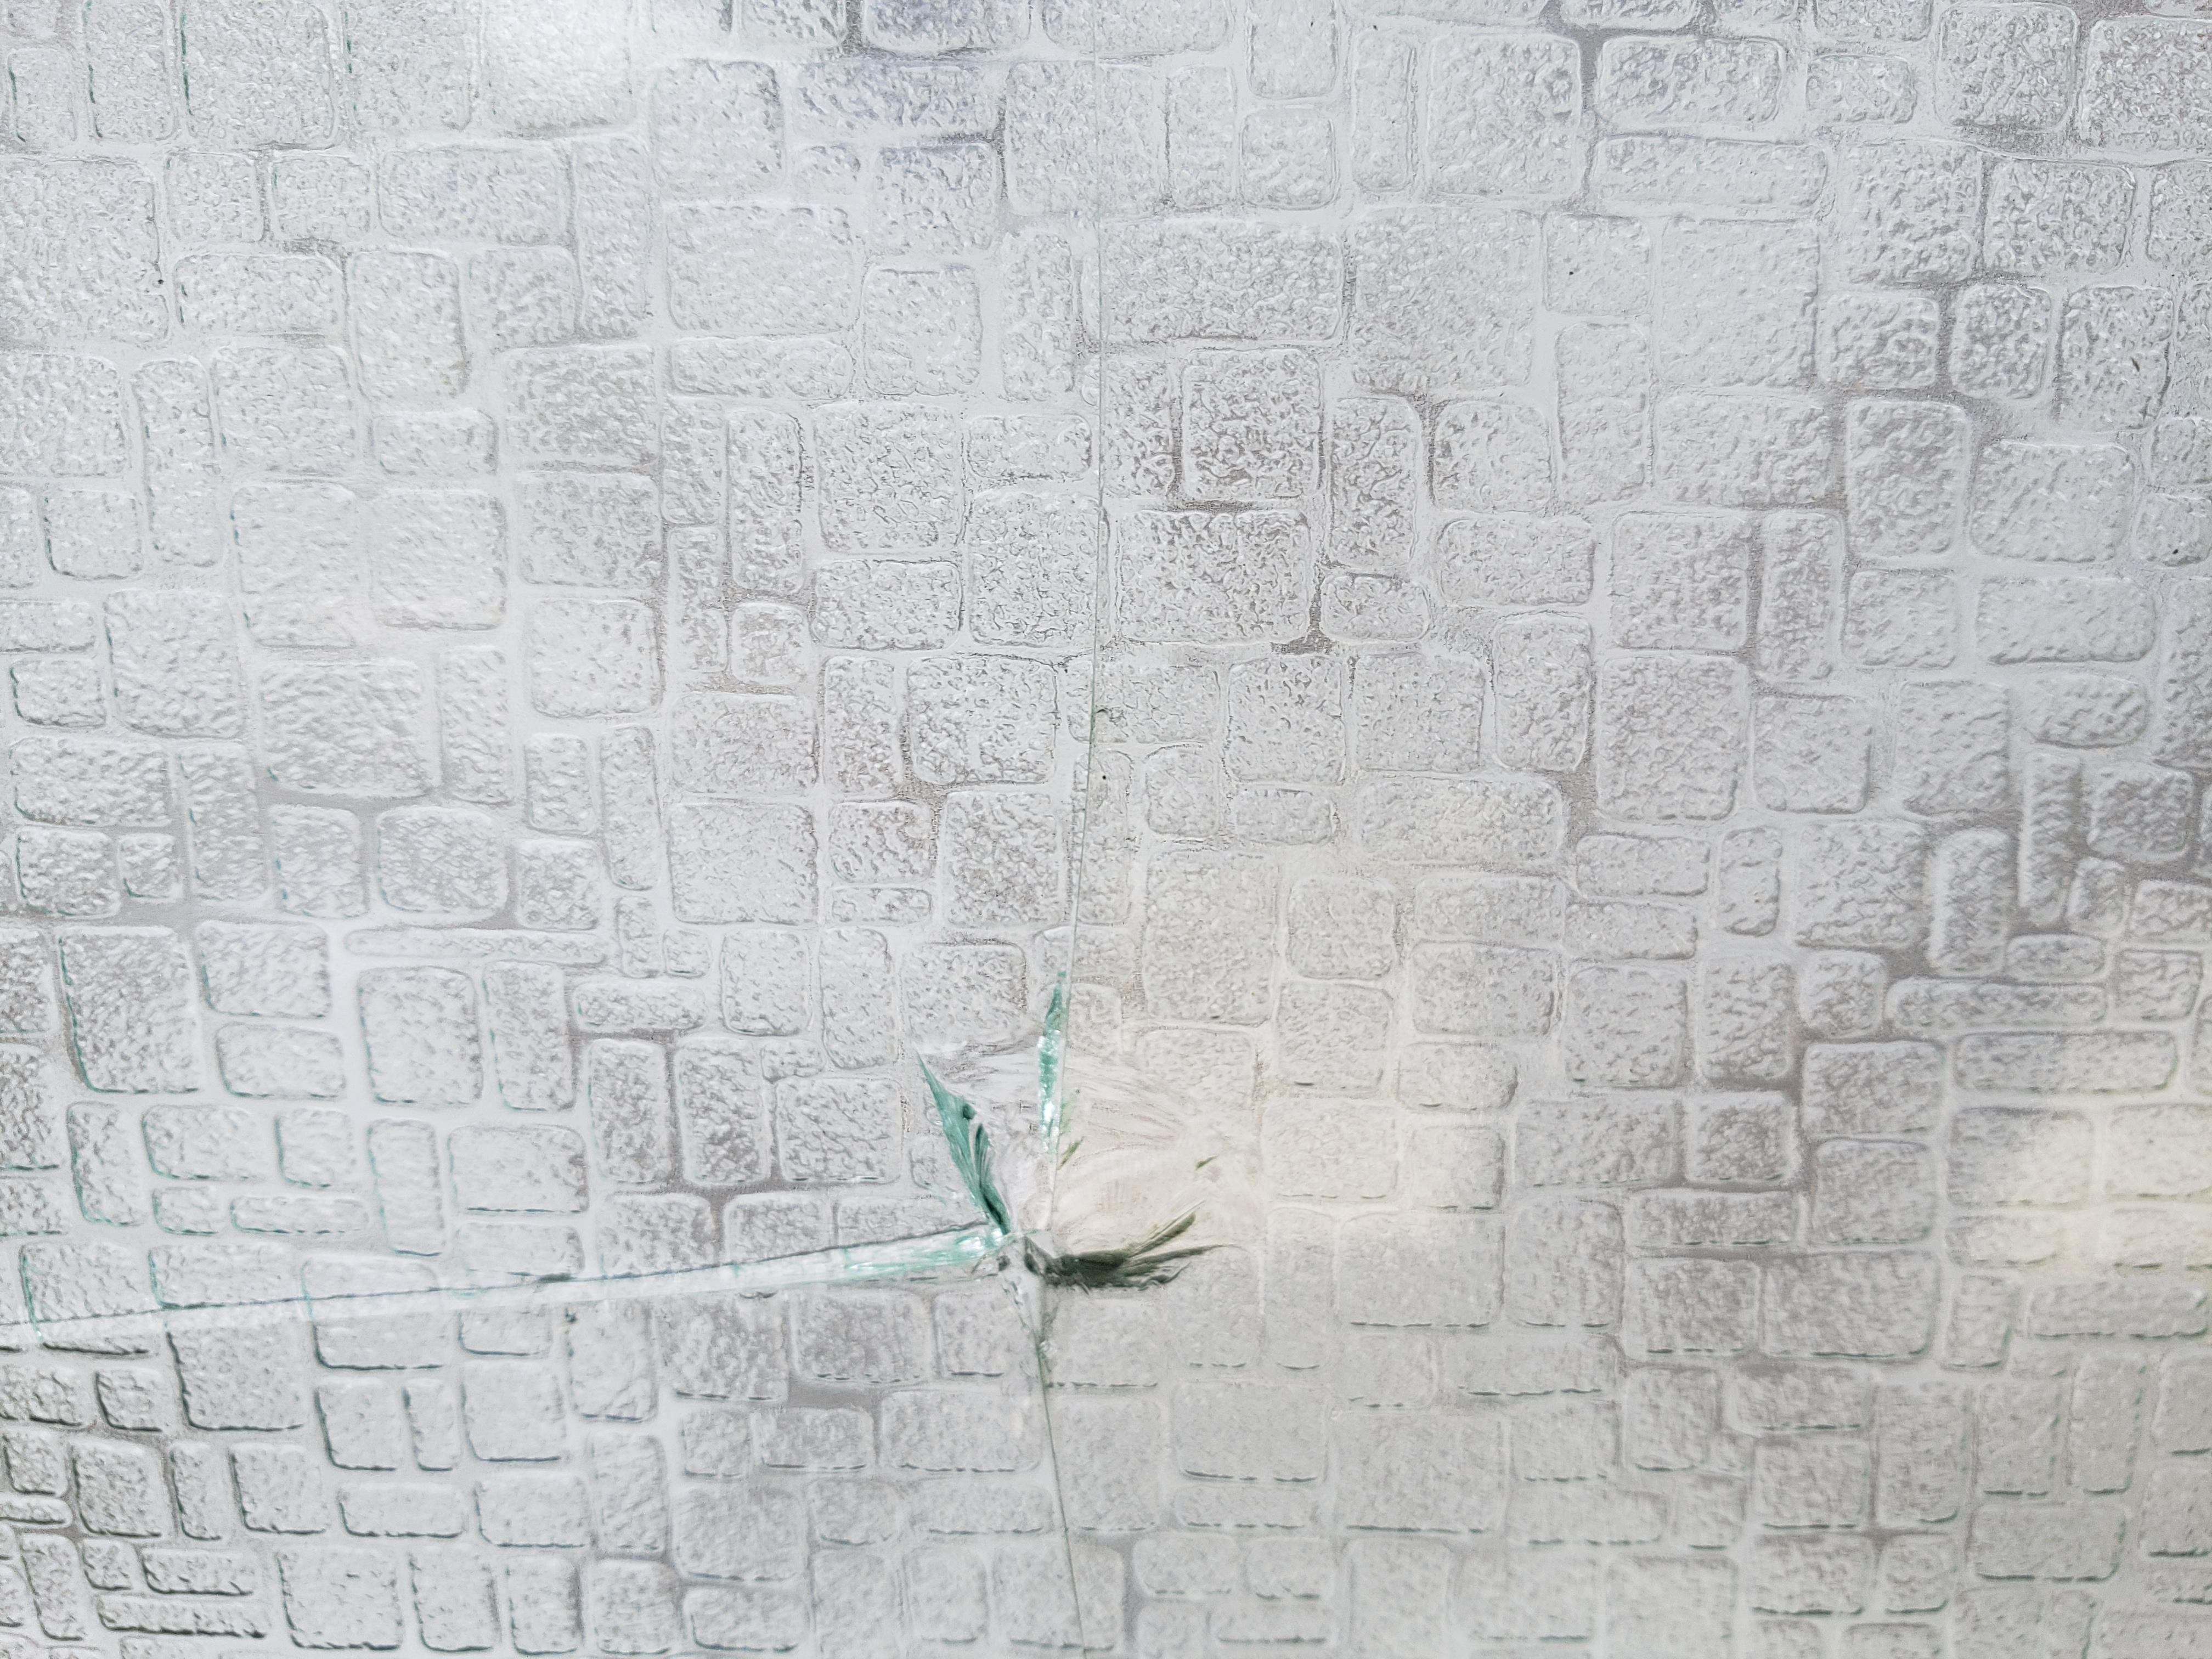 ガラス 割れ替え 現調 ギャラリーパティオのブログ メイン写真